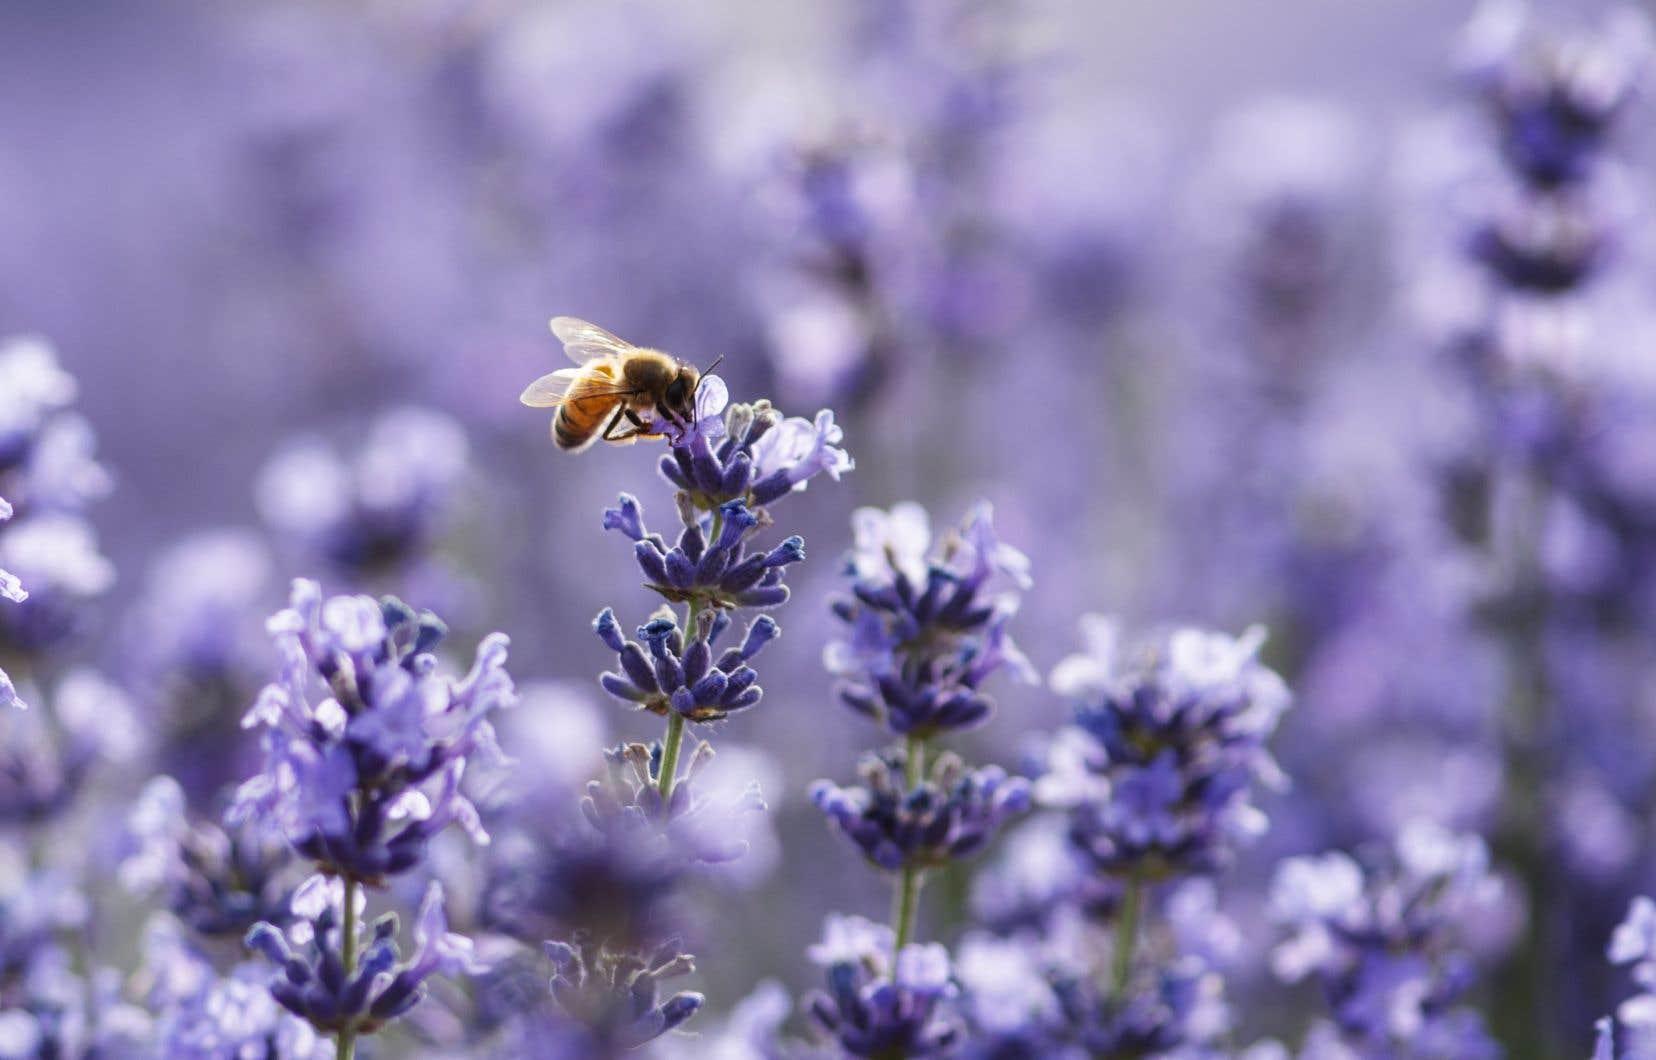 Les bourdons jouent un rôle crucial pour l'agriculture. Selon les Nations Unies, environ un tiers des récoltes mondiales dépendent des pollinisateurs.